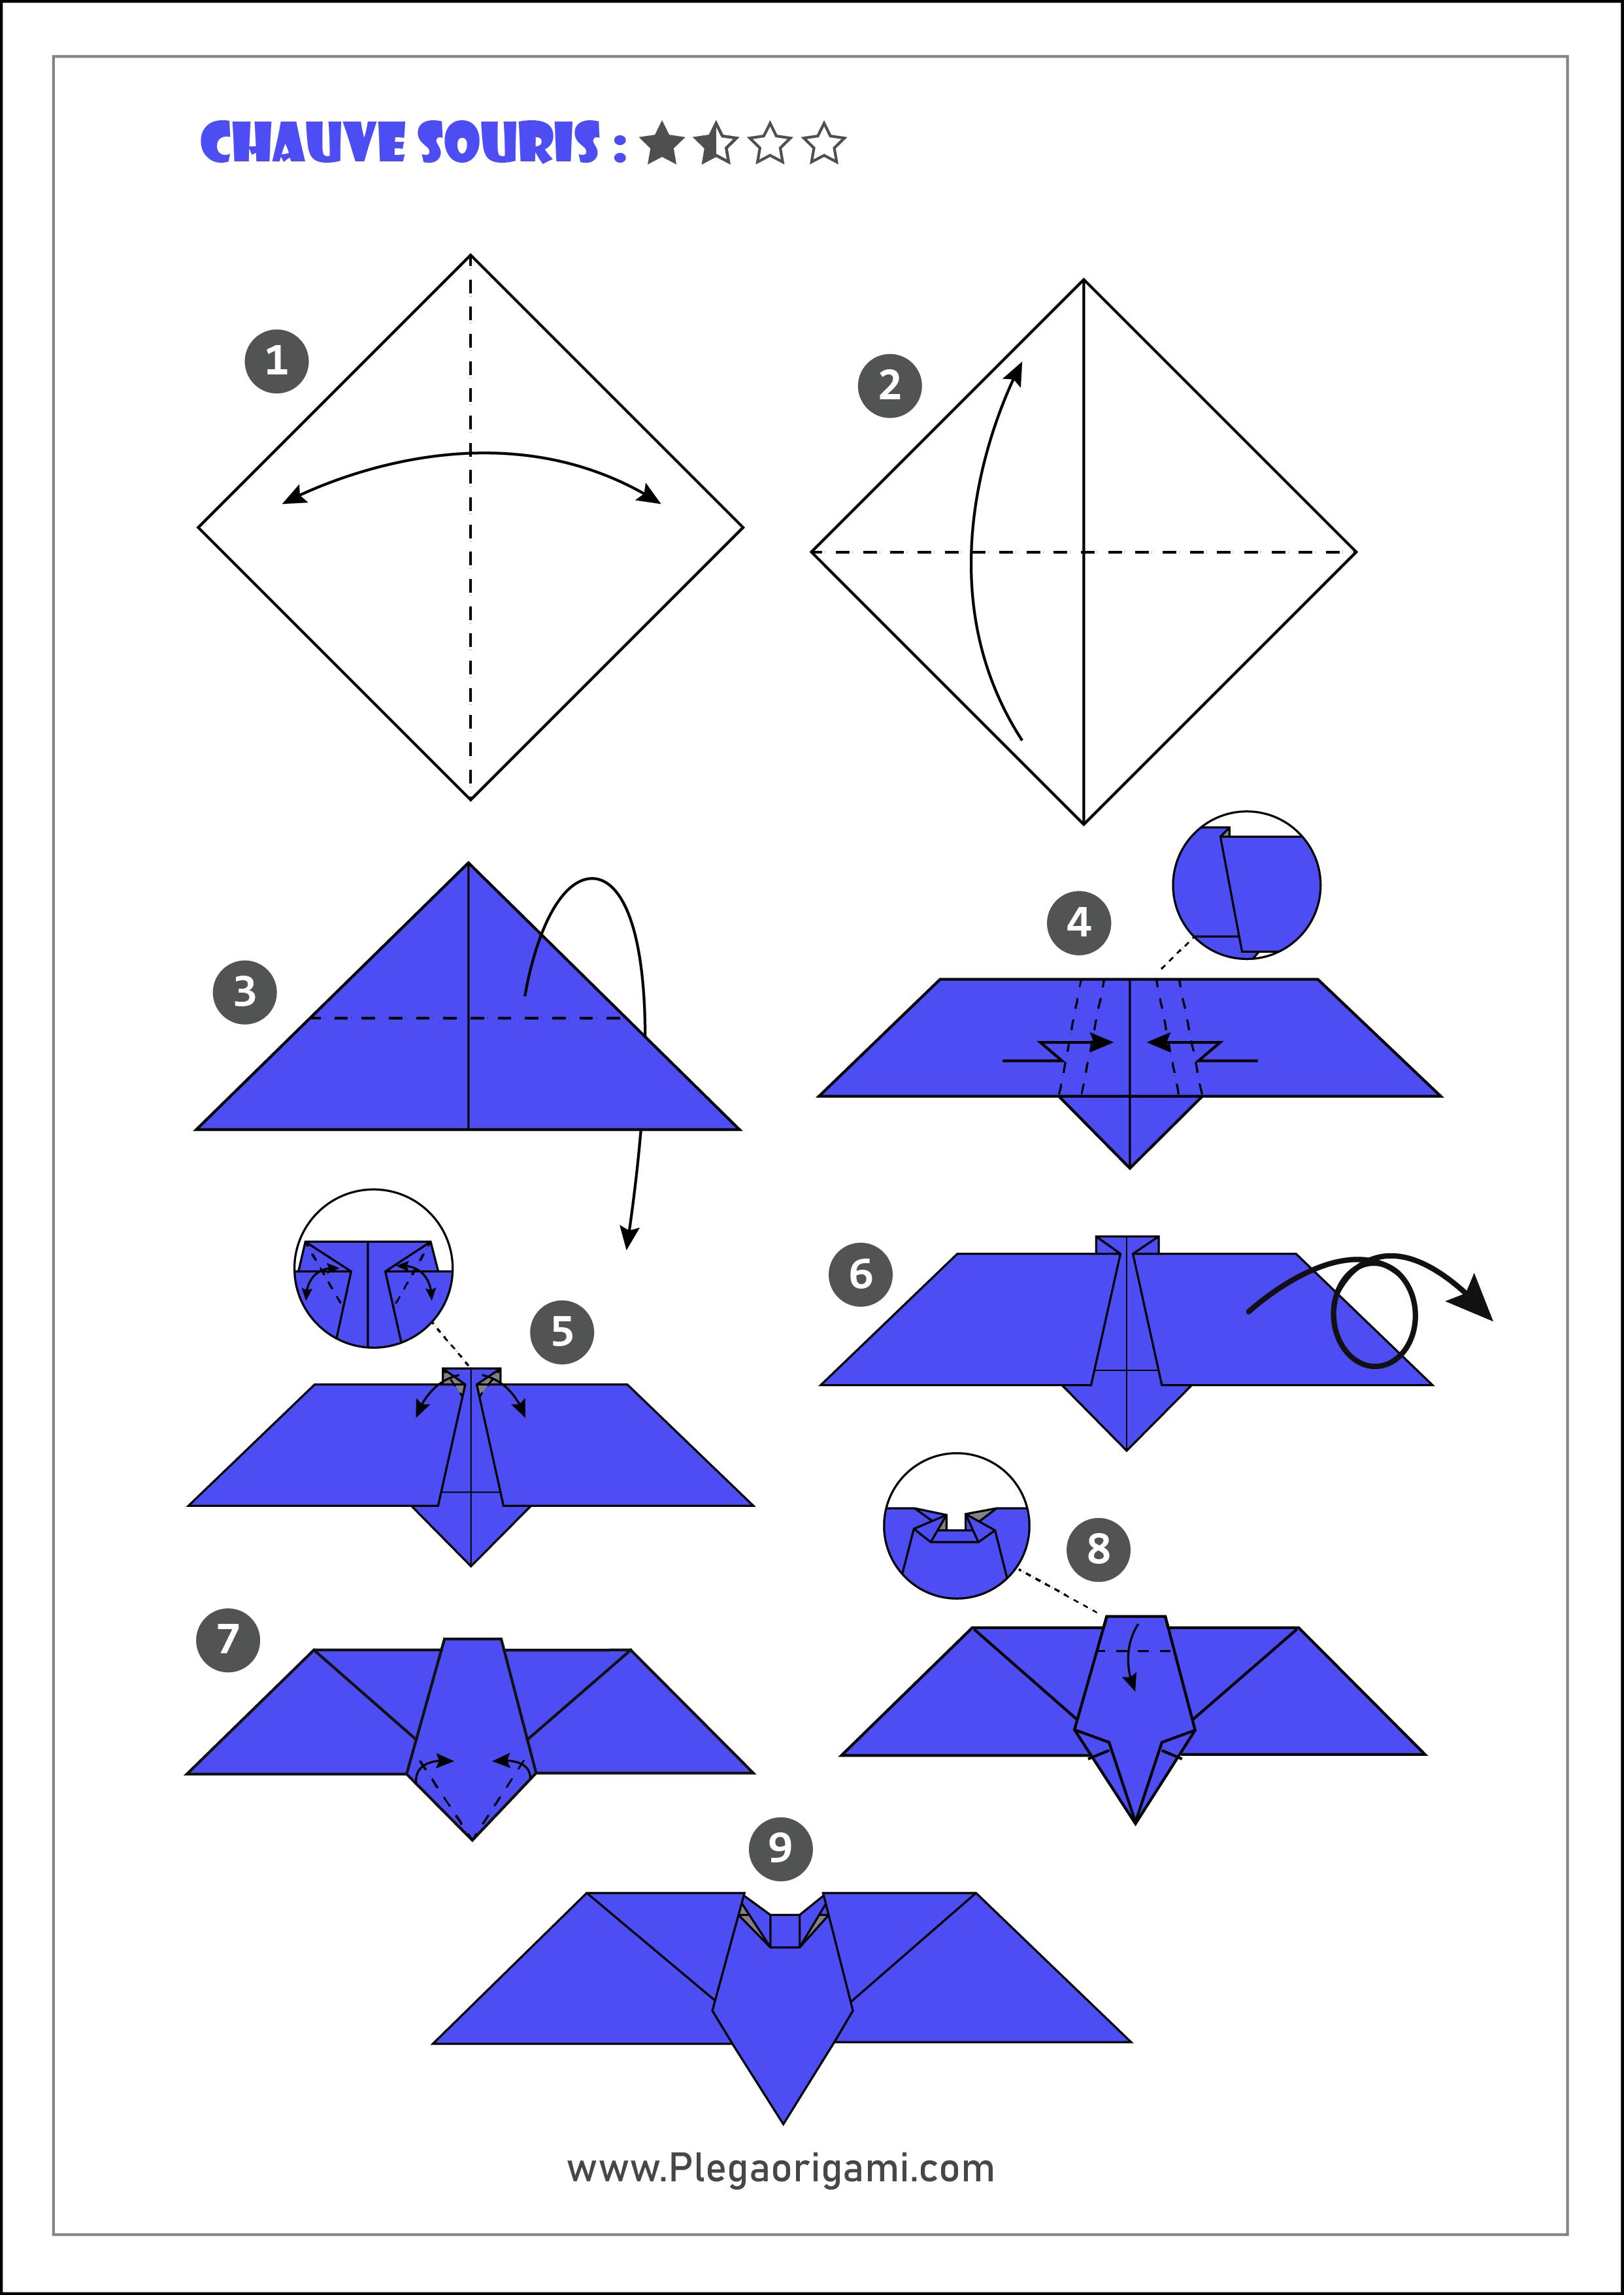 Schémas Modèles Origami Simple Et Gratuit Pour Débutant concernant Origami Chauve Souris